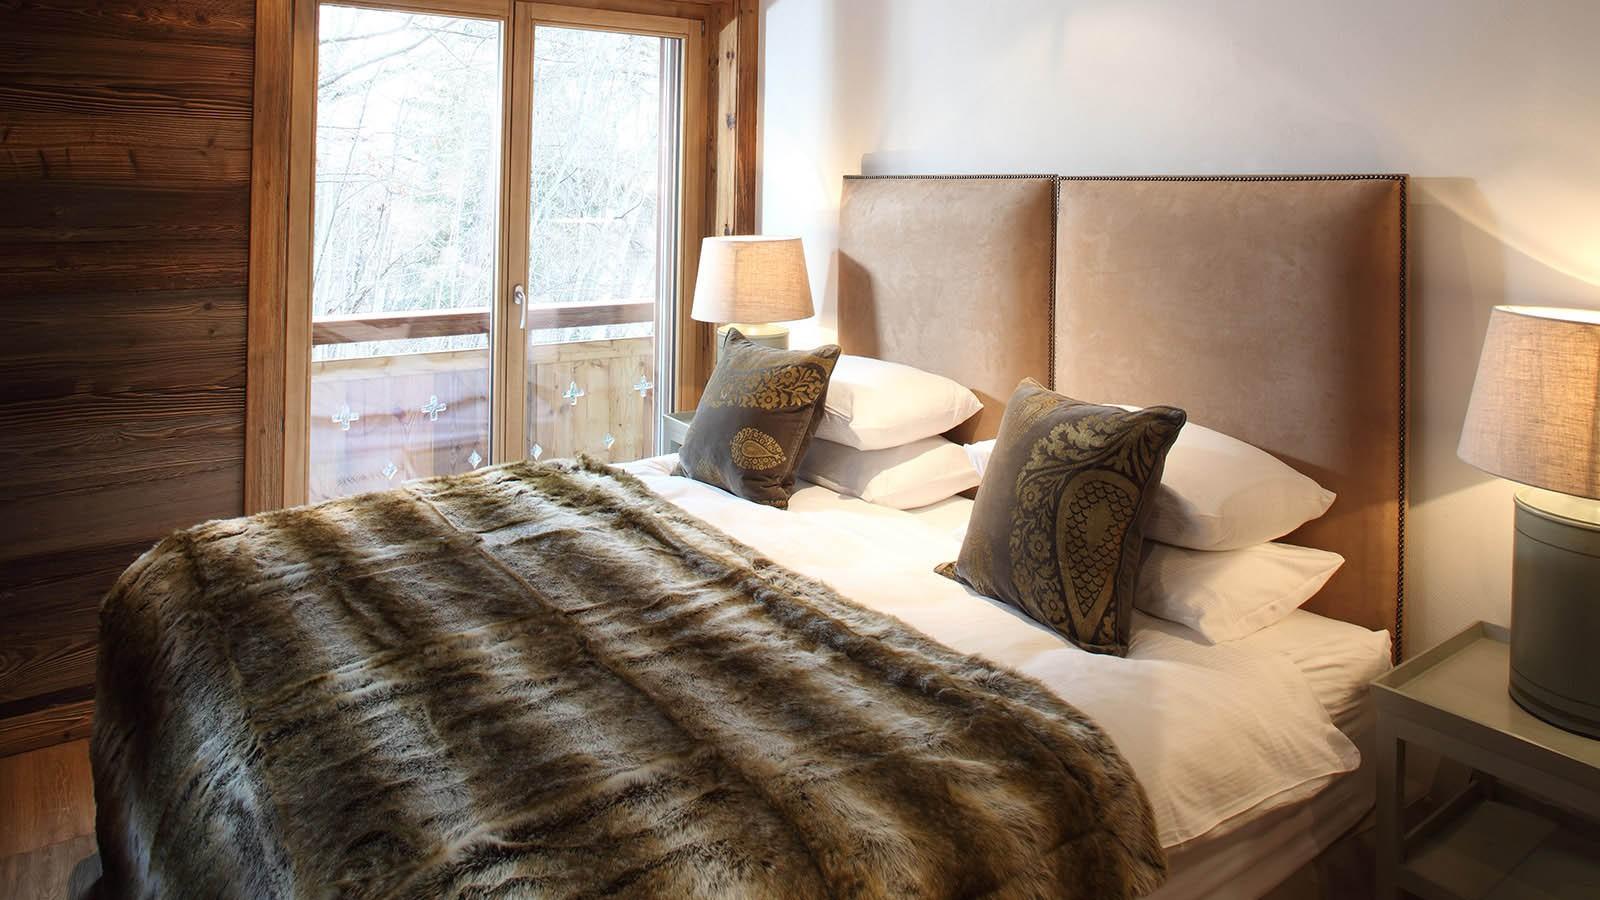 Double Bedroom in chalet Rosablanche, Nendaz